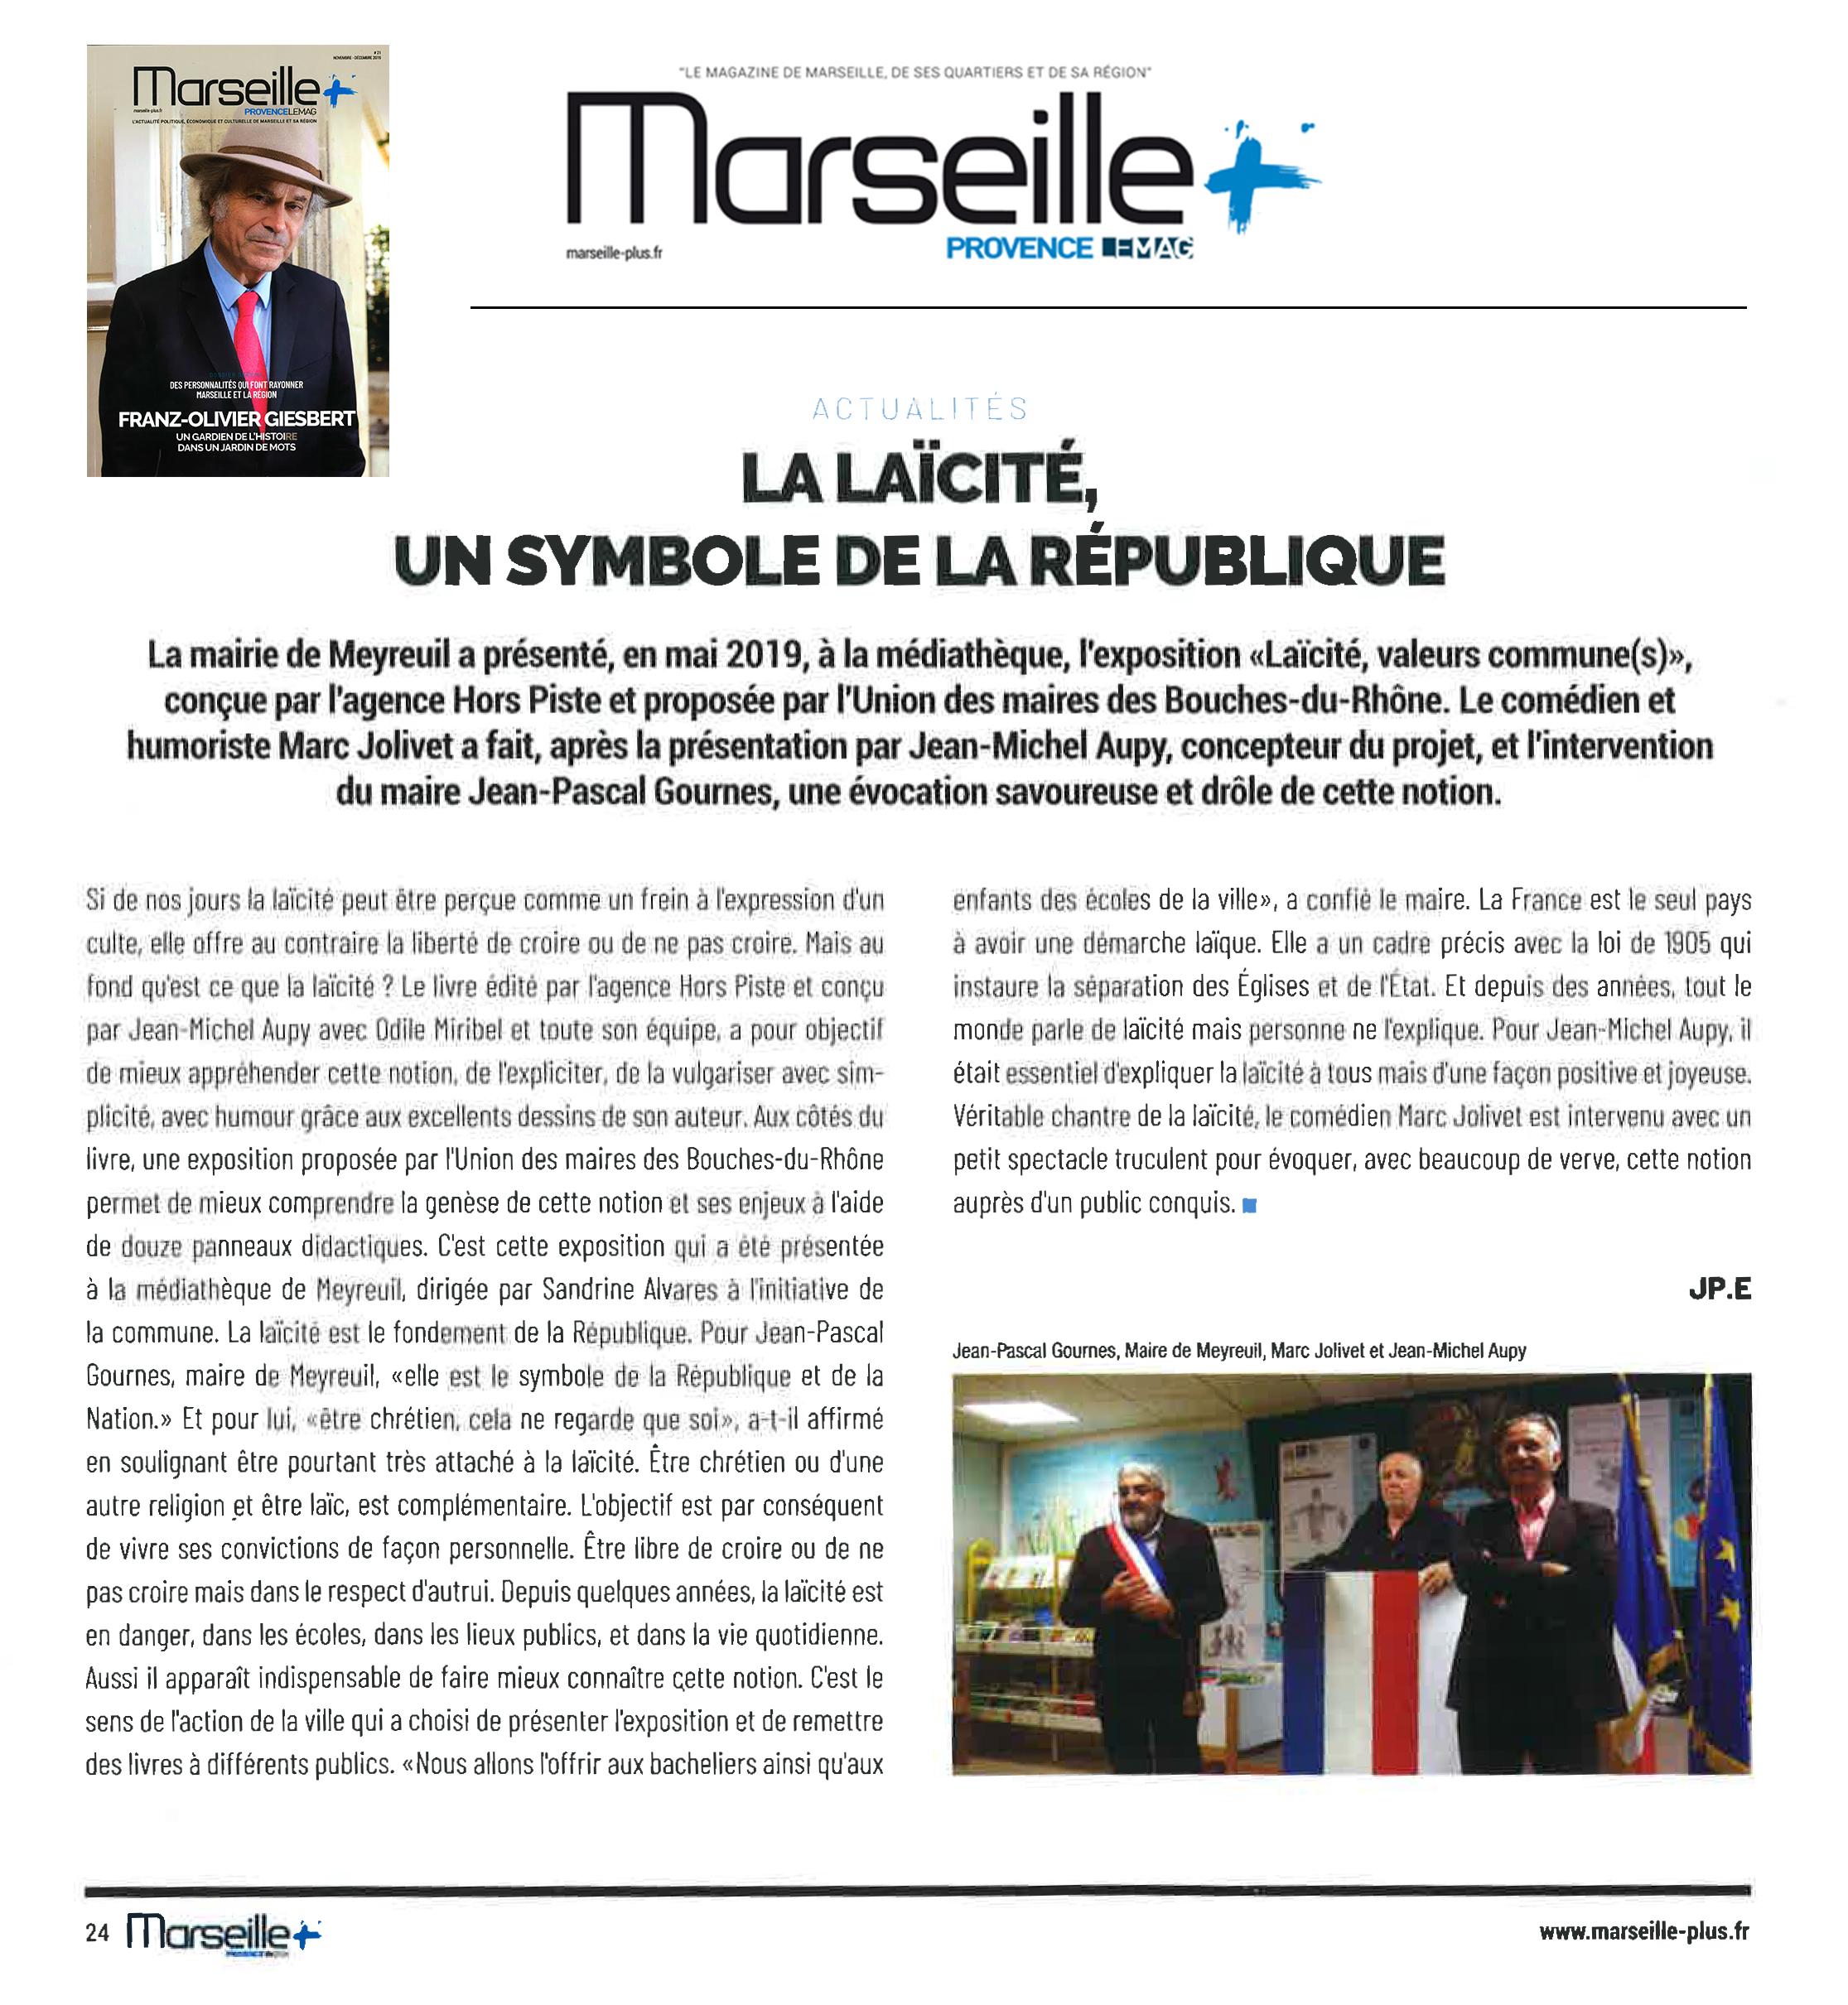 Marseille-Provence LE MAG revient à la Mairie de Meyreuil